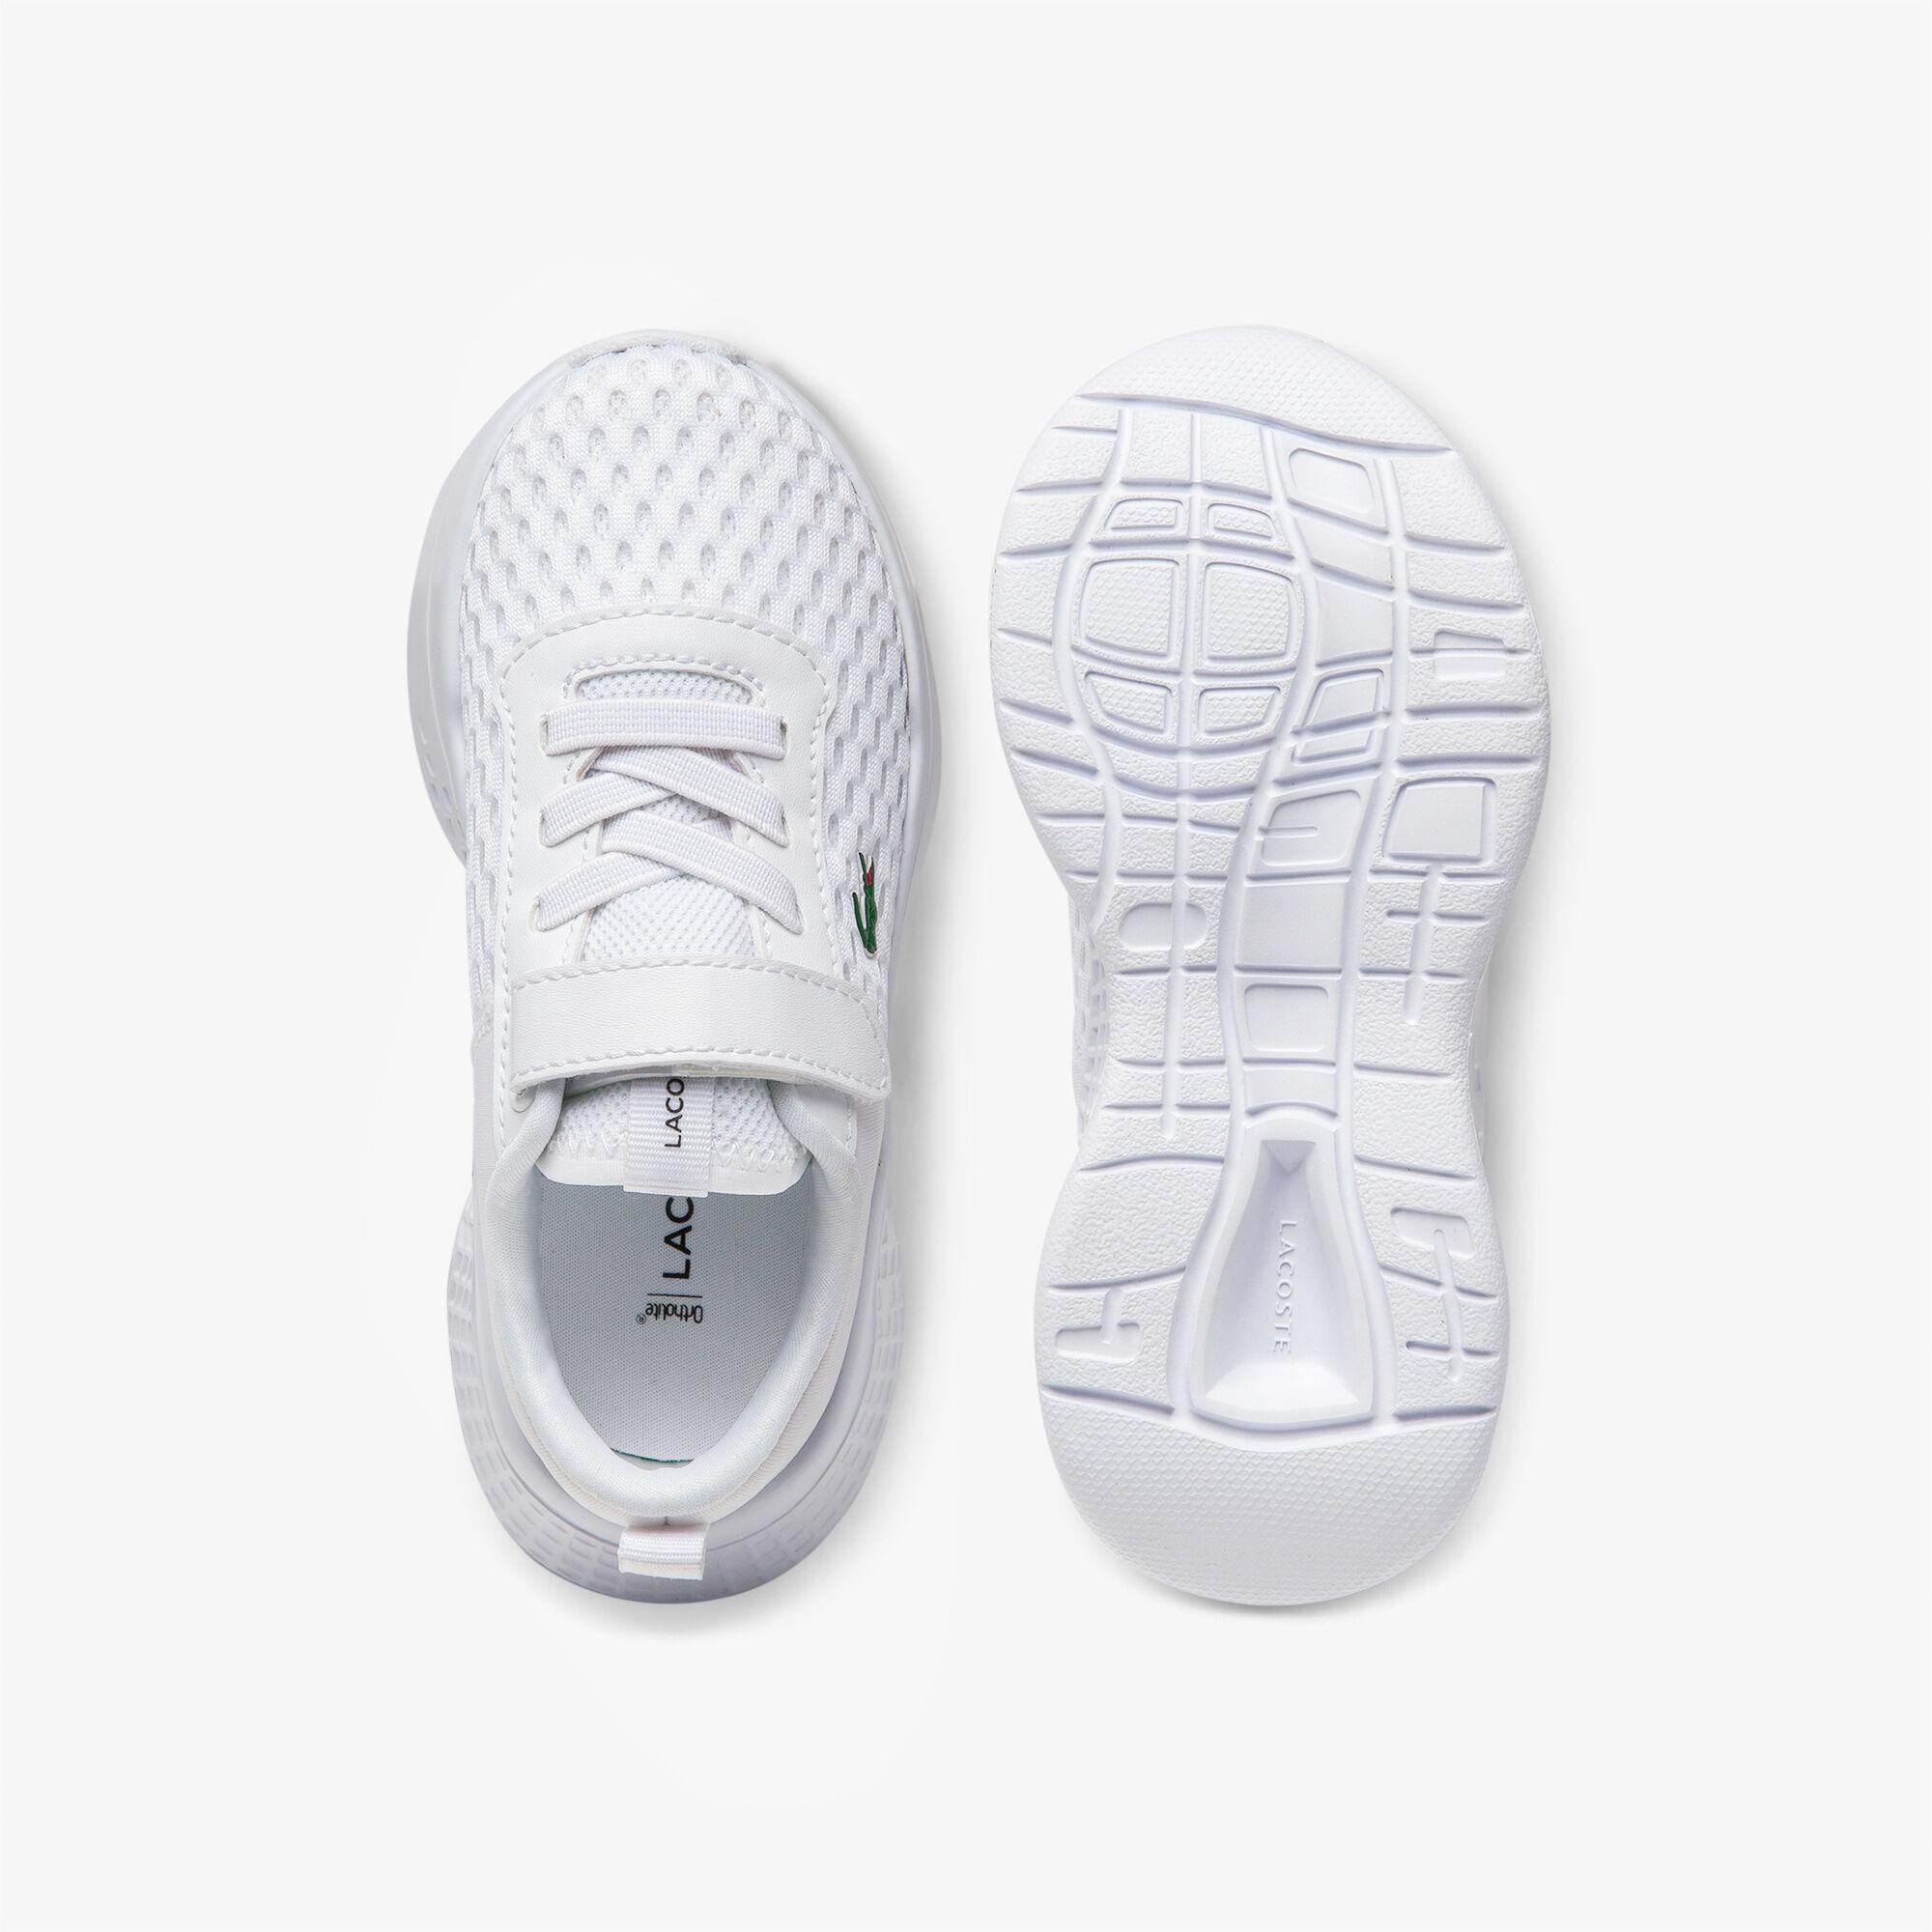 حذاء رياضي من النسيج المحبوك المرن والشبكي مجموعة Court-Drive للأطفال الرضع